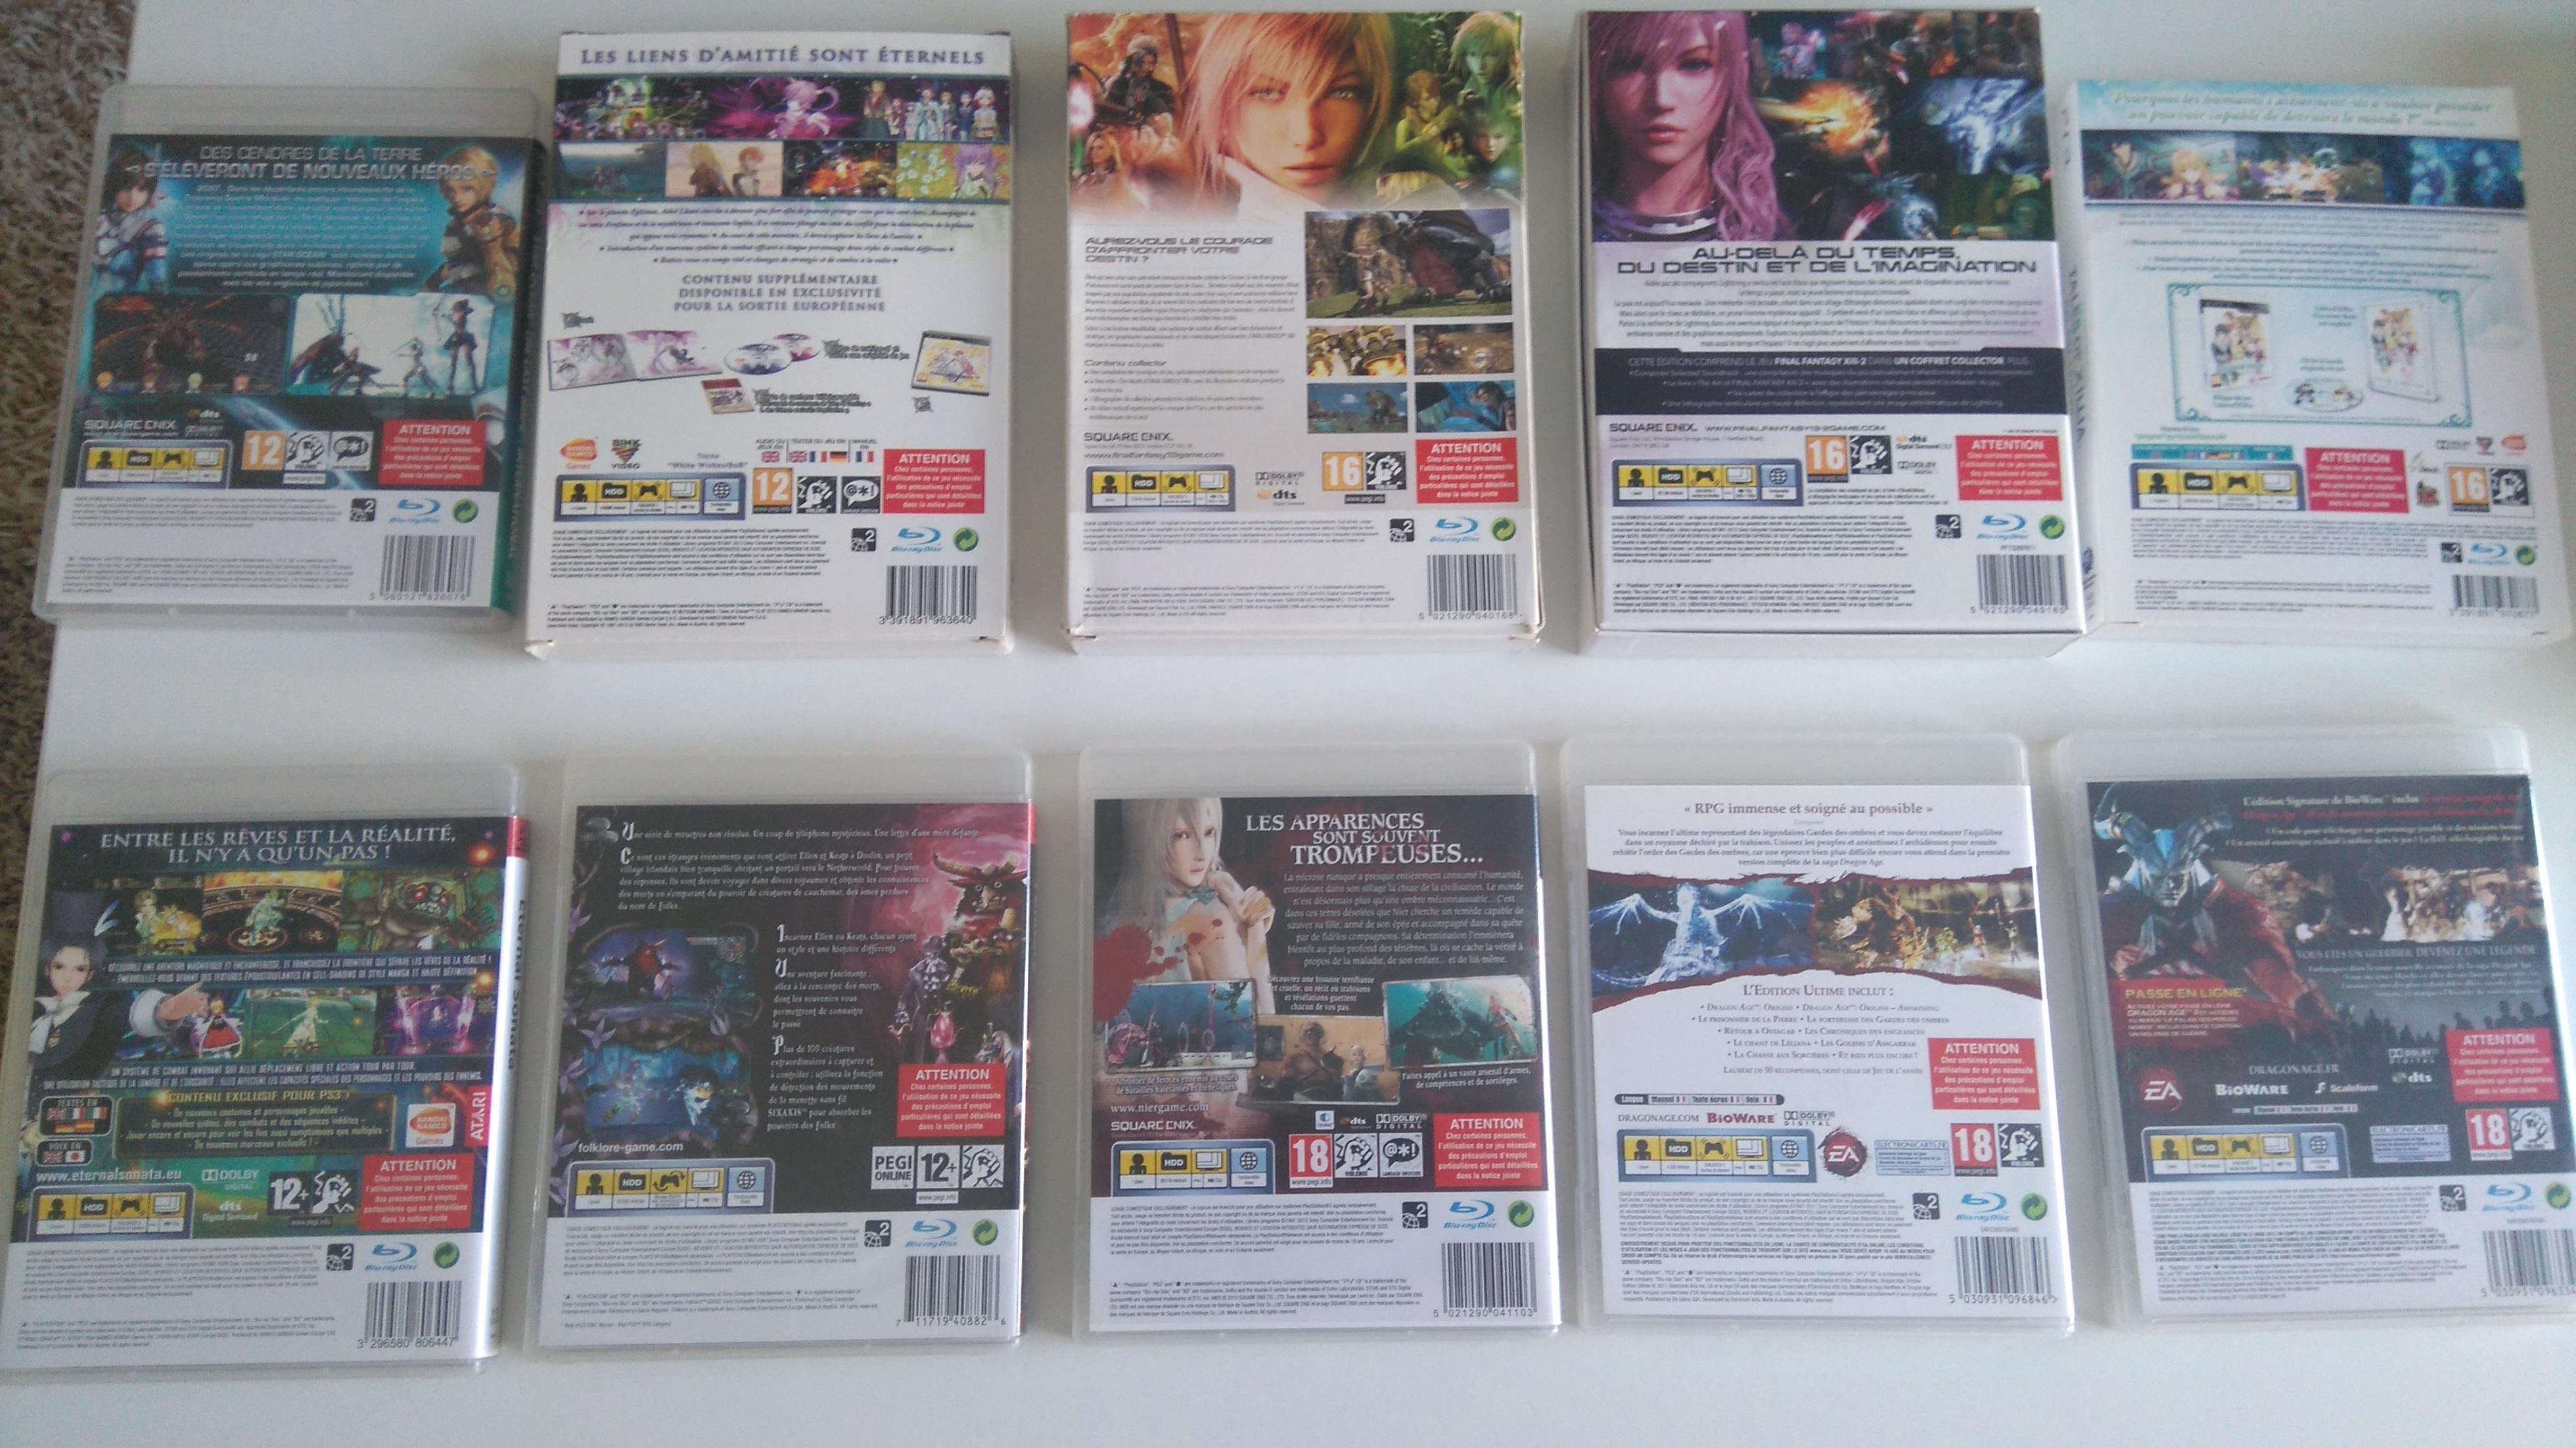 [ESTIM] Jeux PS3 pour achat Eeacb5d22d016d21623896f23d9c0695